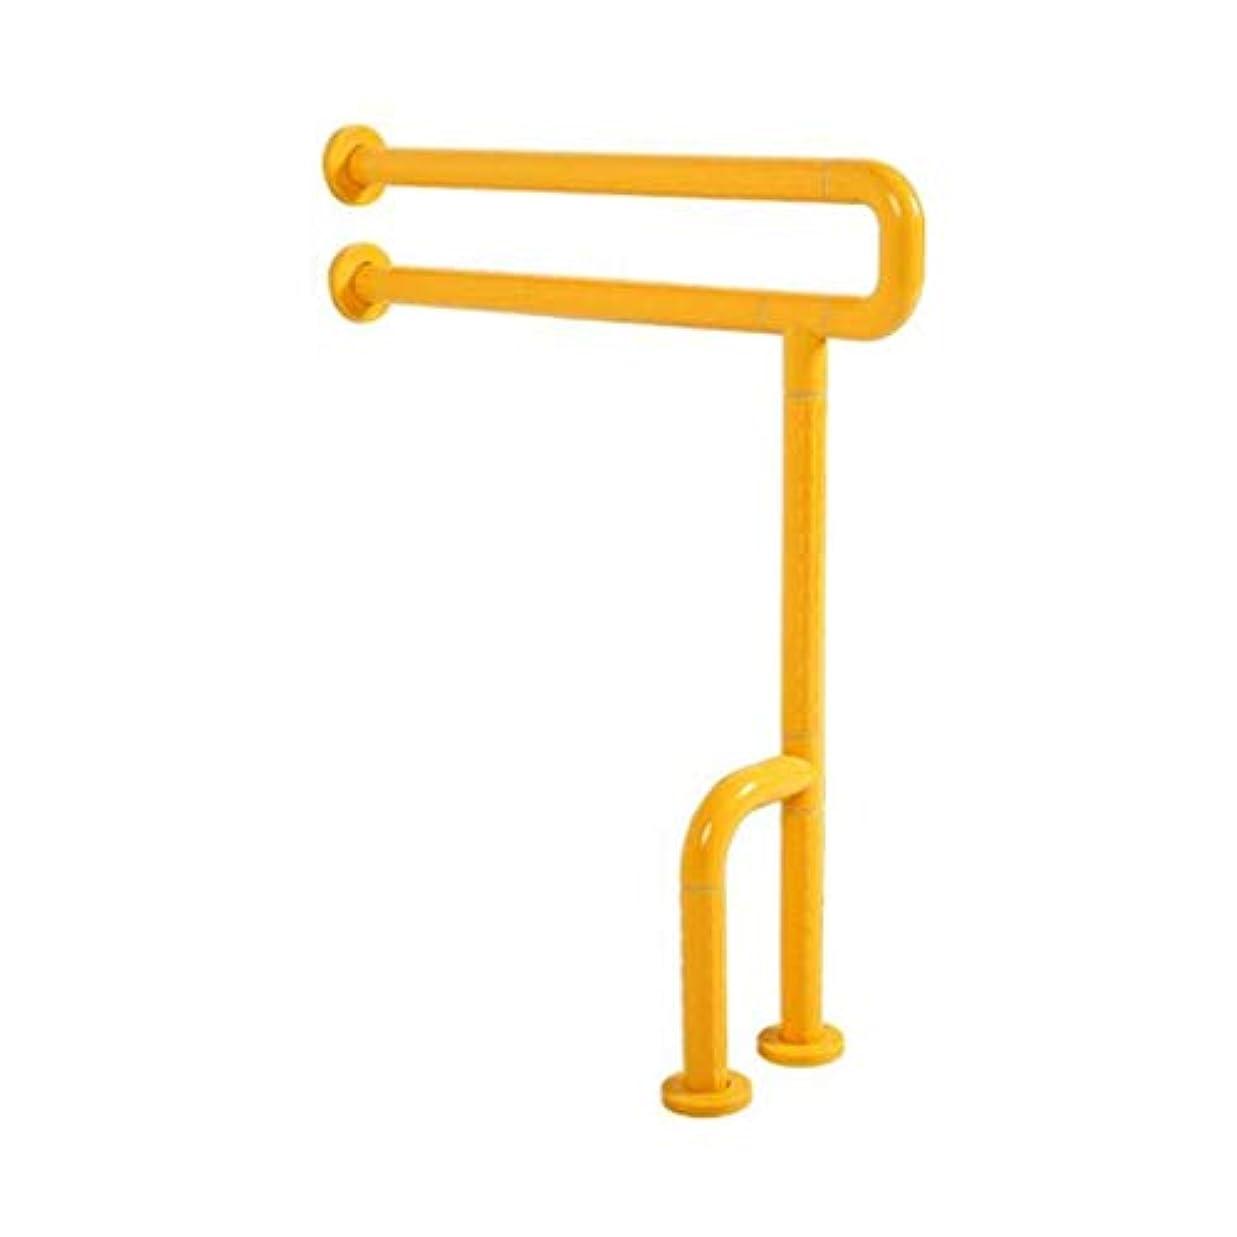 ビタミンアリコーナーバリアフリートイレの手すり、高齢者用トイレのハンドル、ナイロンステンレススチール製バスルーム用手すり 壁用手すり (色 : 黄)